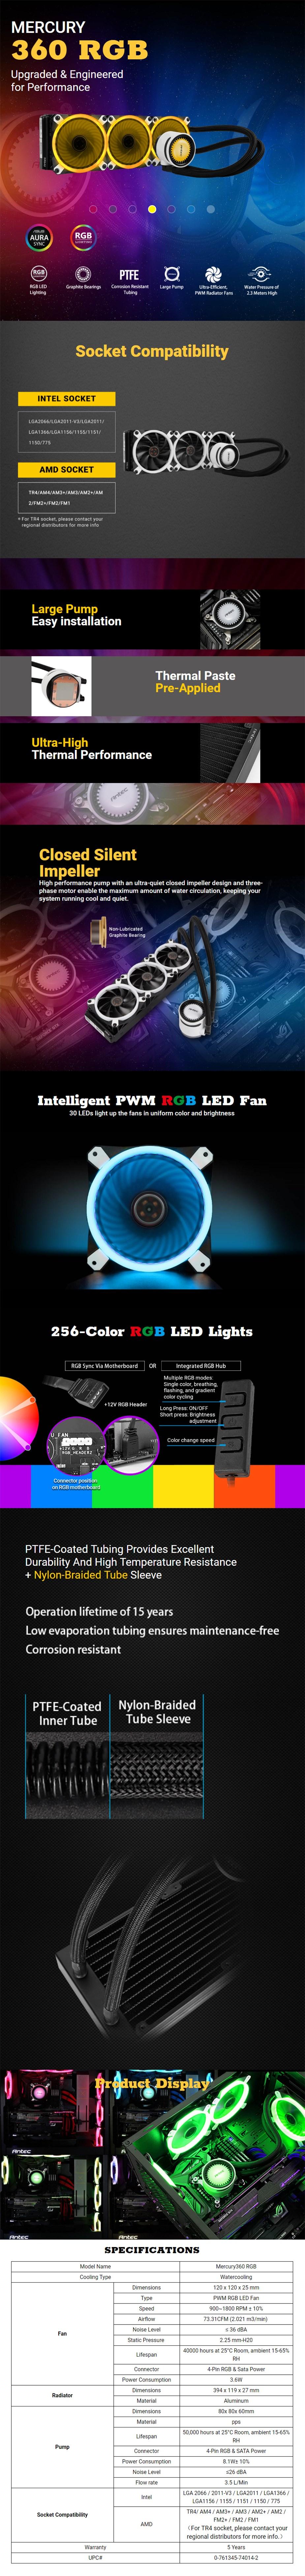 Antec Mercury RGB 360 Liquid CPU Cooler - Desktop Overview 1